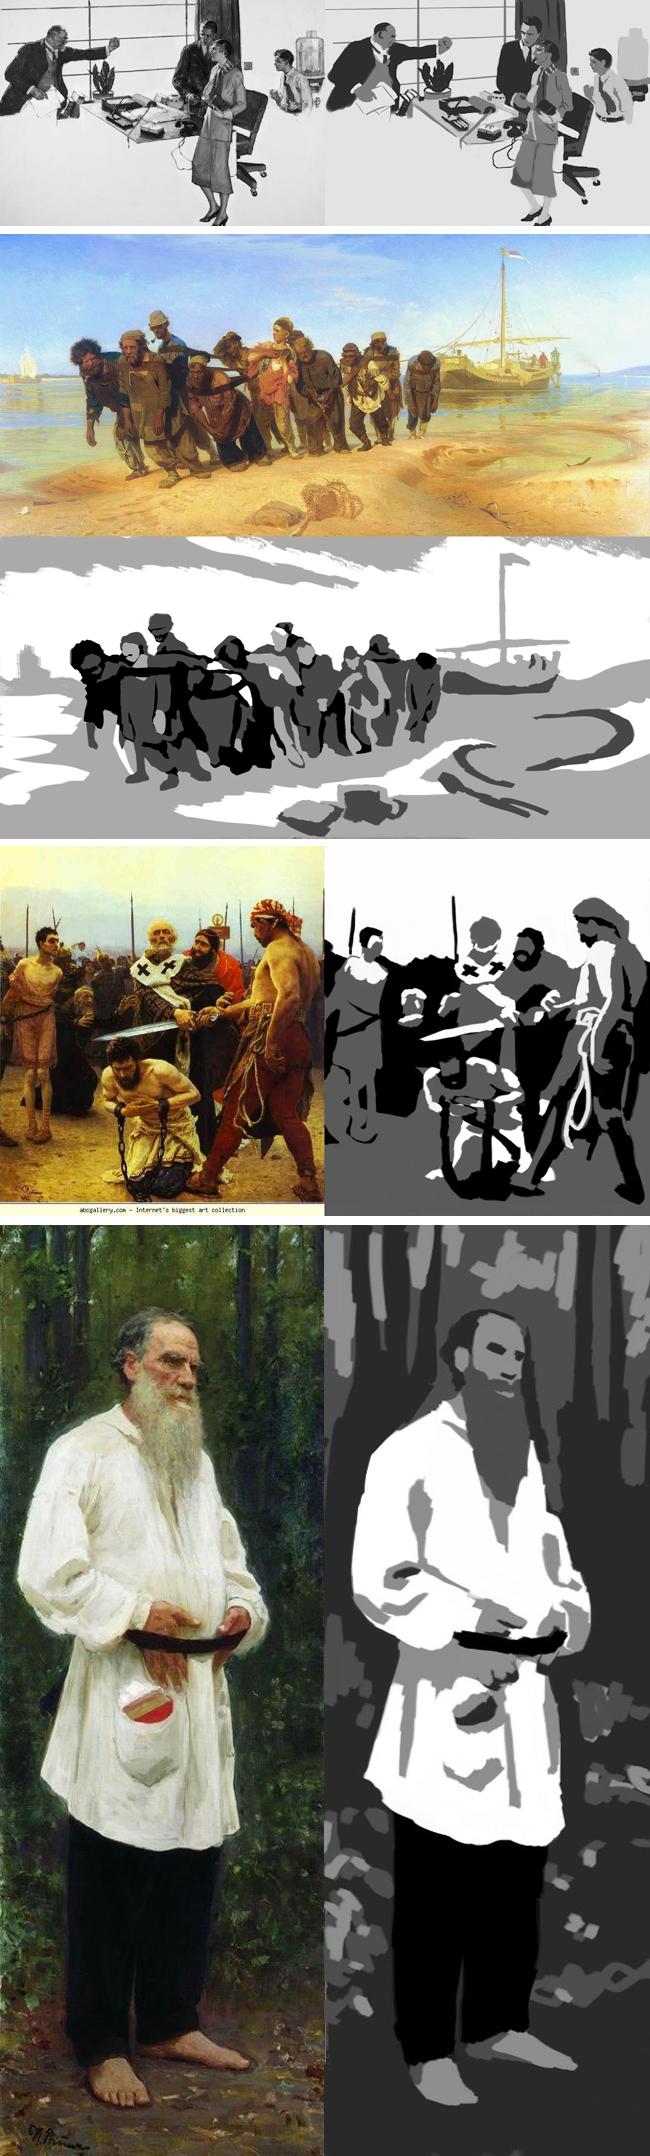 nuevos_ejercicios_alumnos_curso_arte_digital_diseno_videojuegos_academiac10_madrid